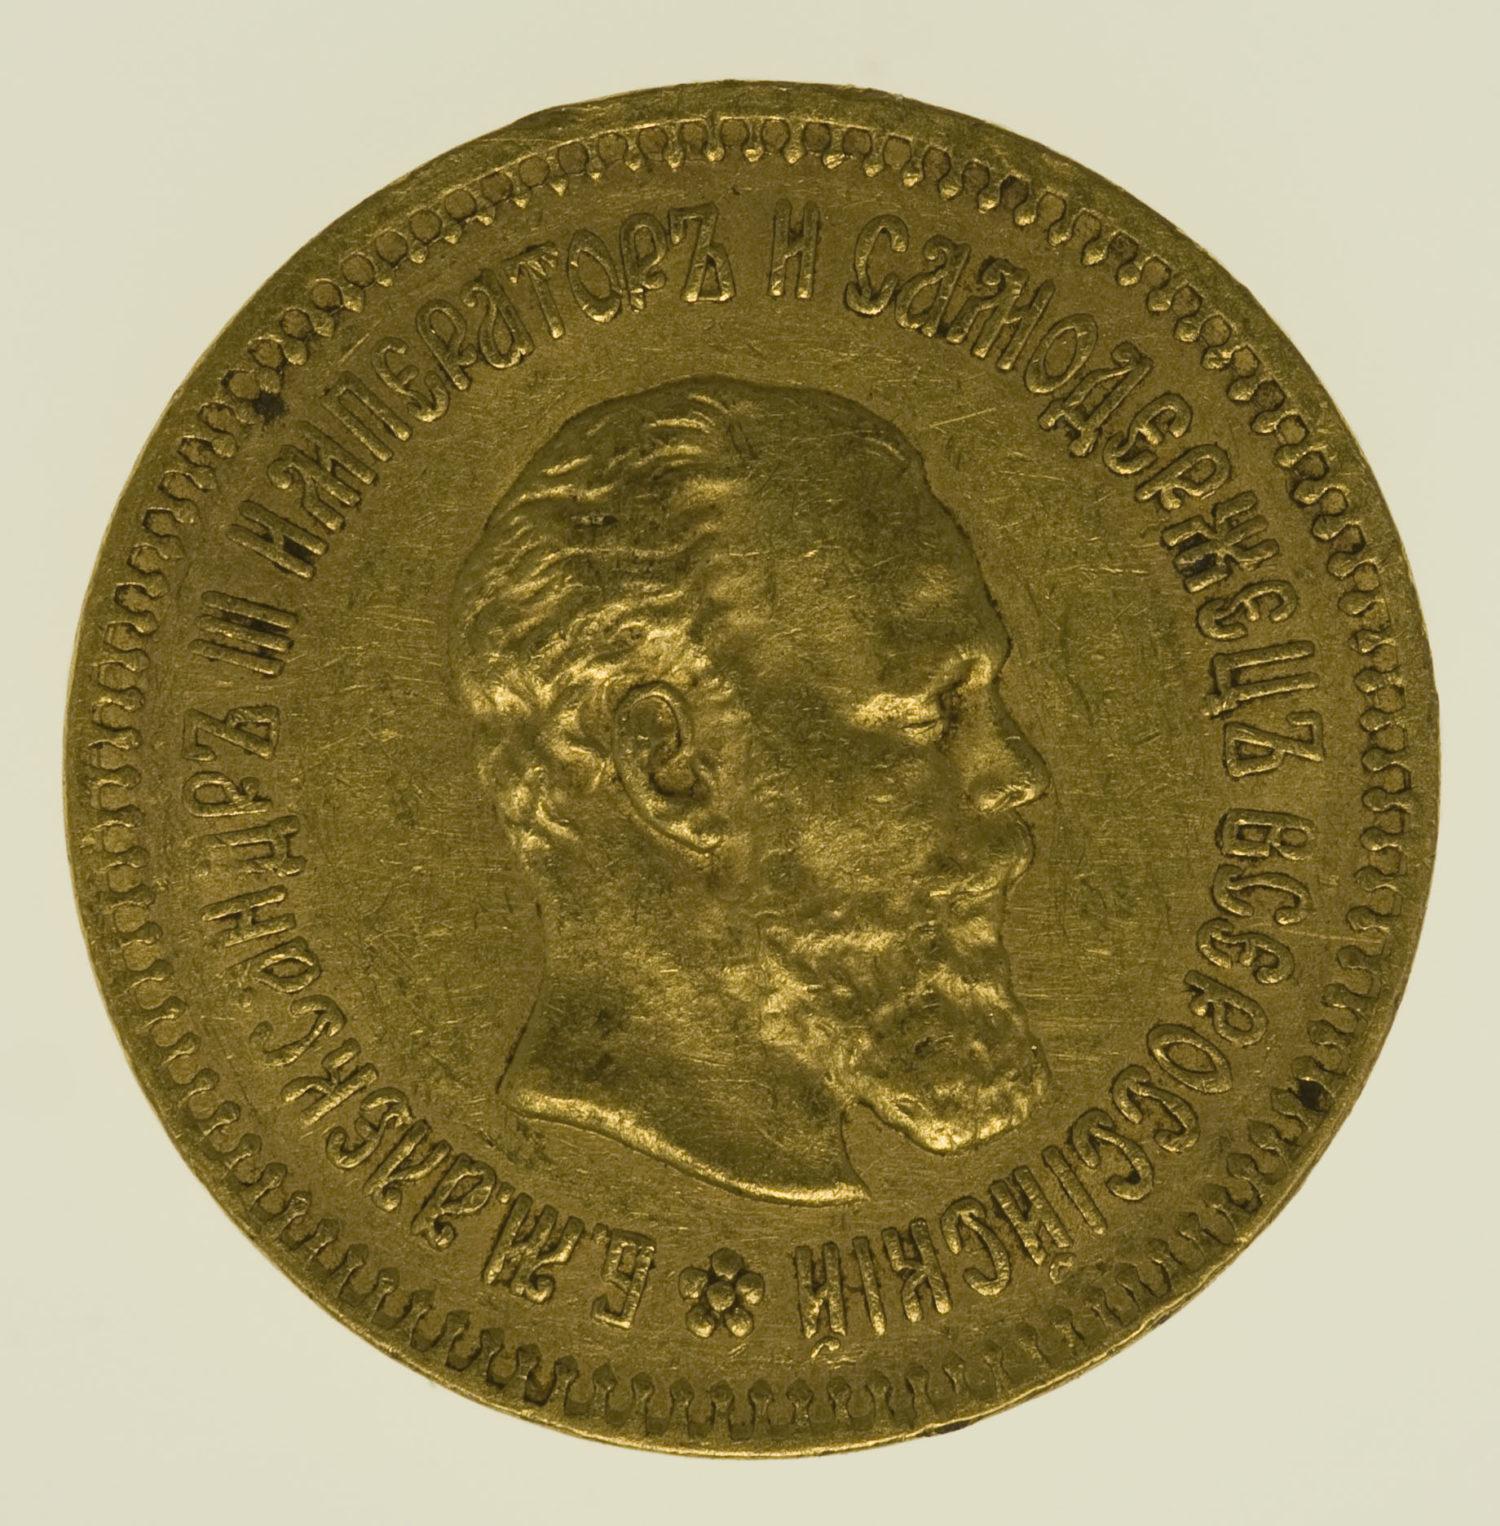 russland - Russland Alexander III. 5 Rubel 1888